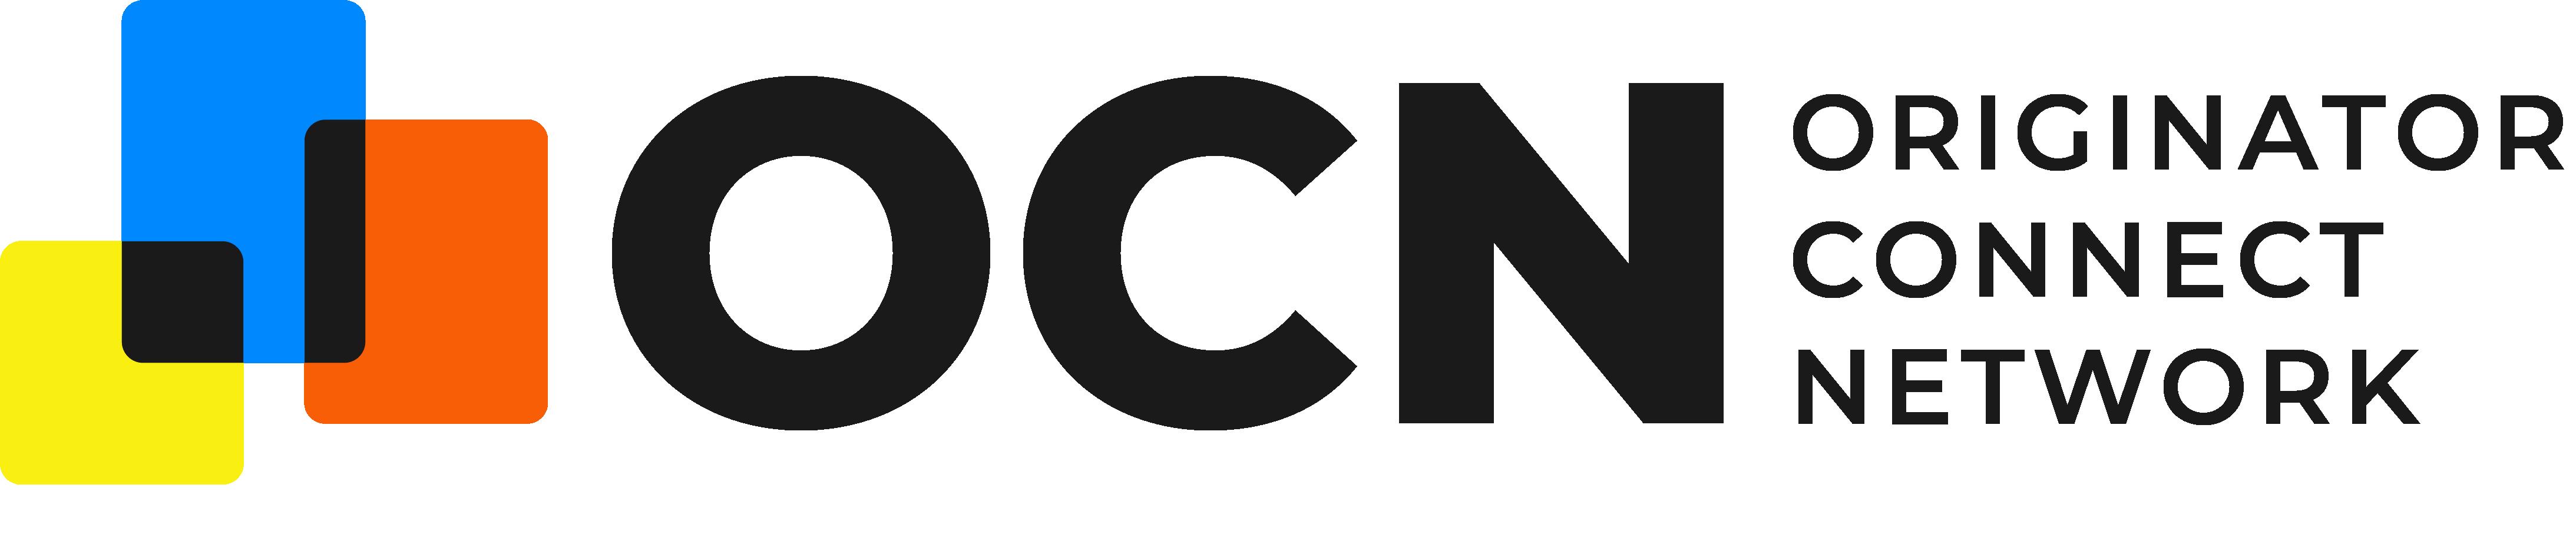 The Originator Connect Network